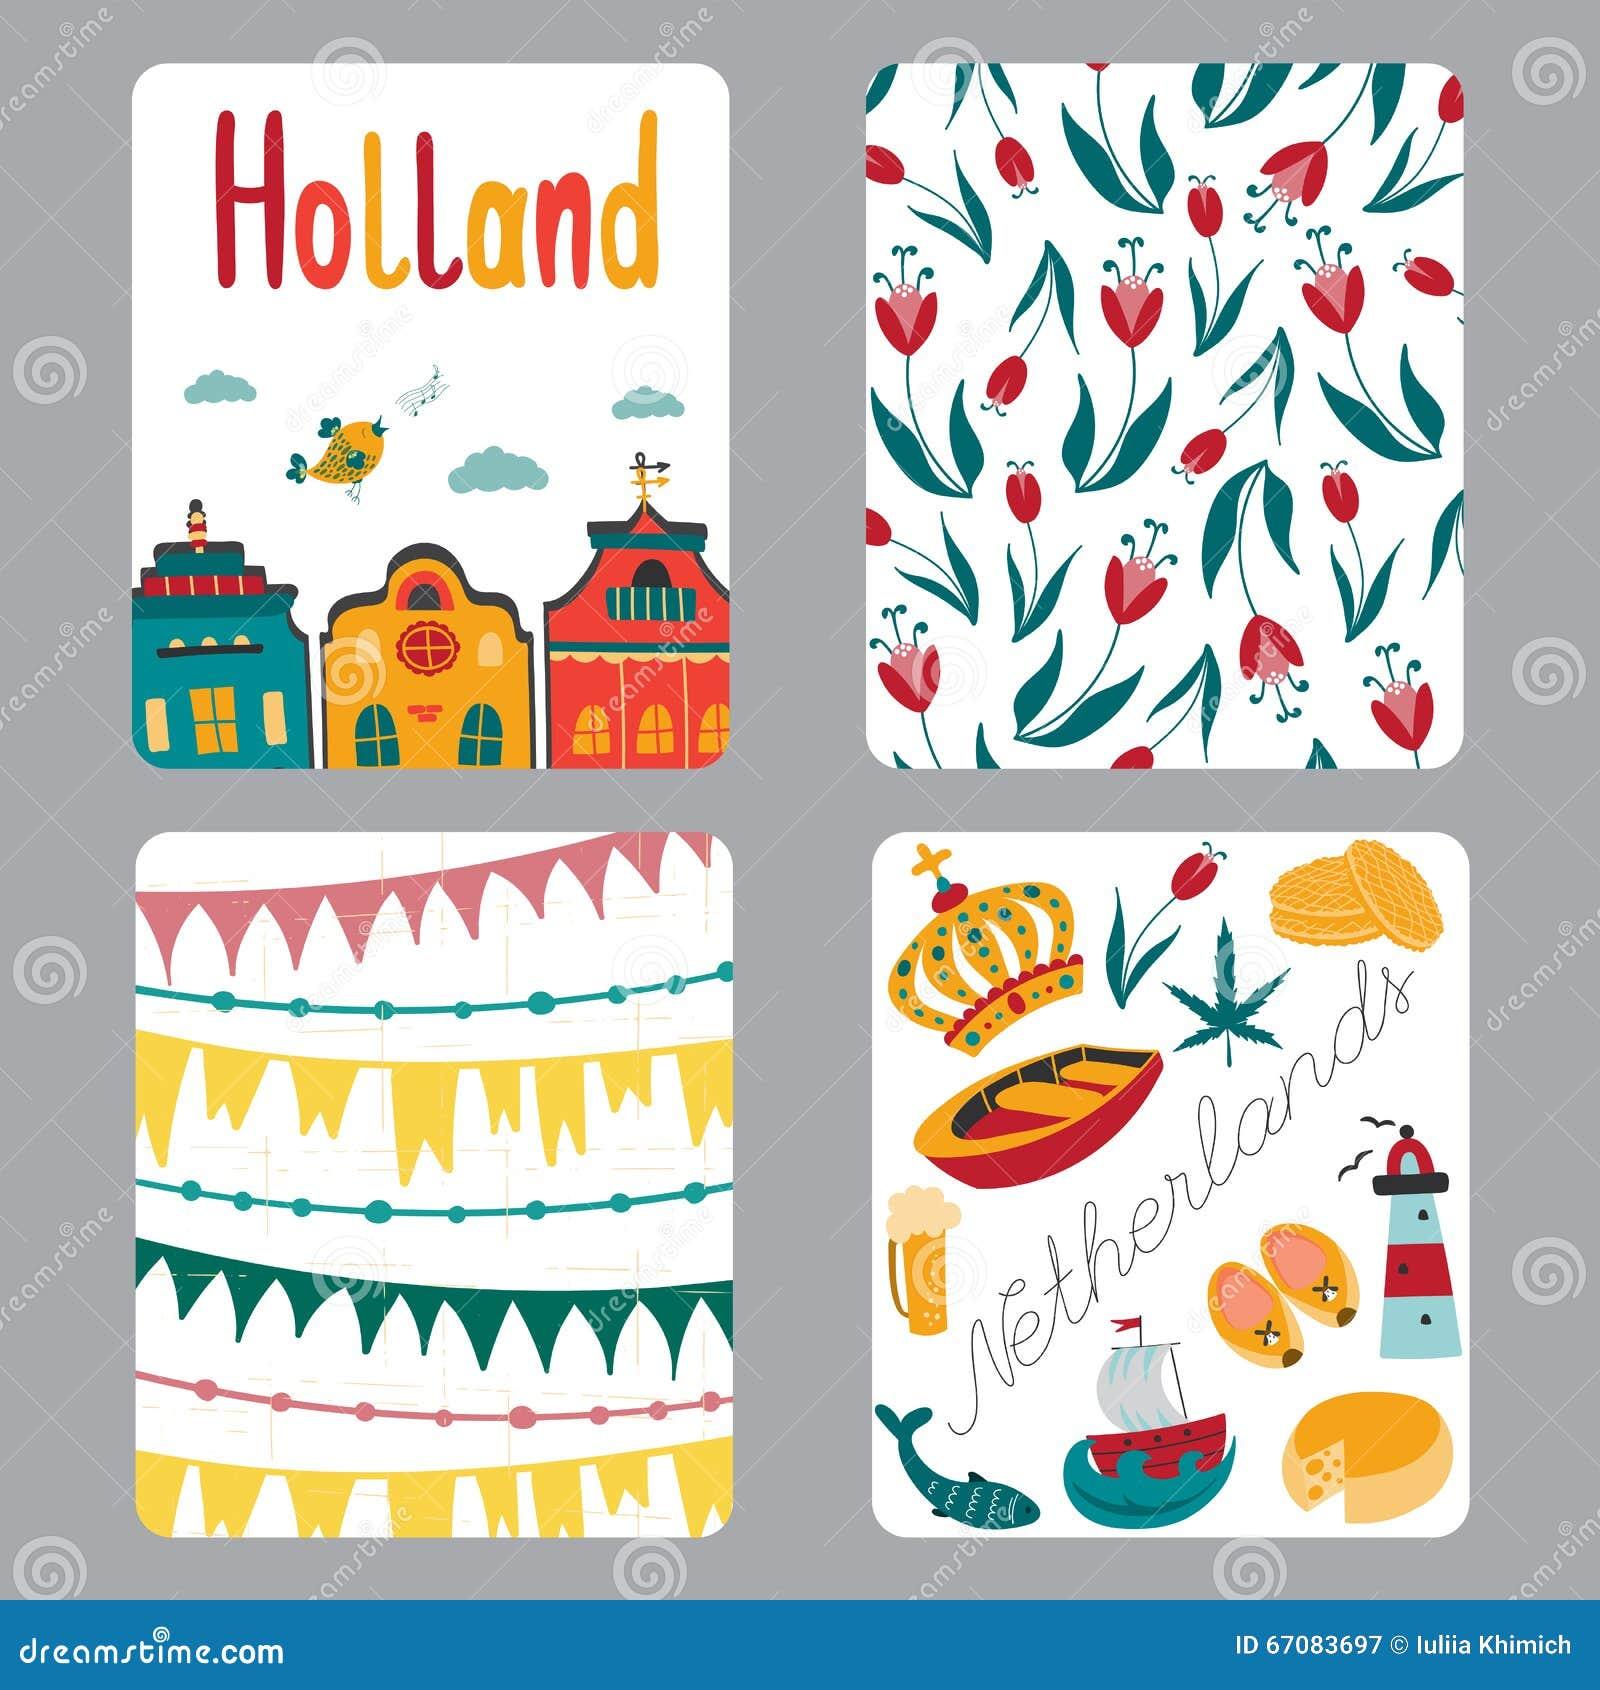 Holland Card